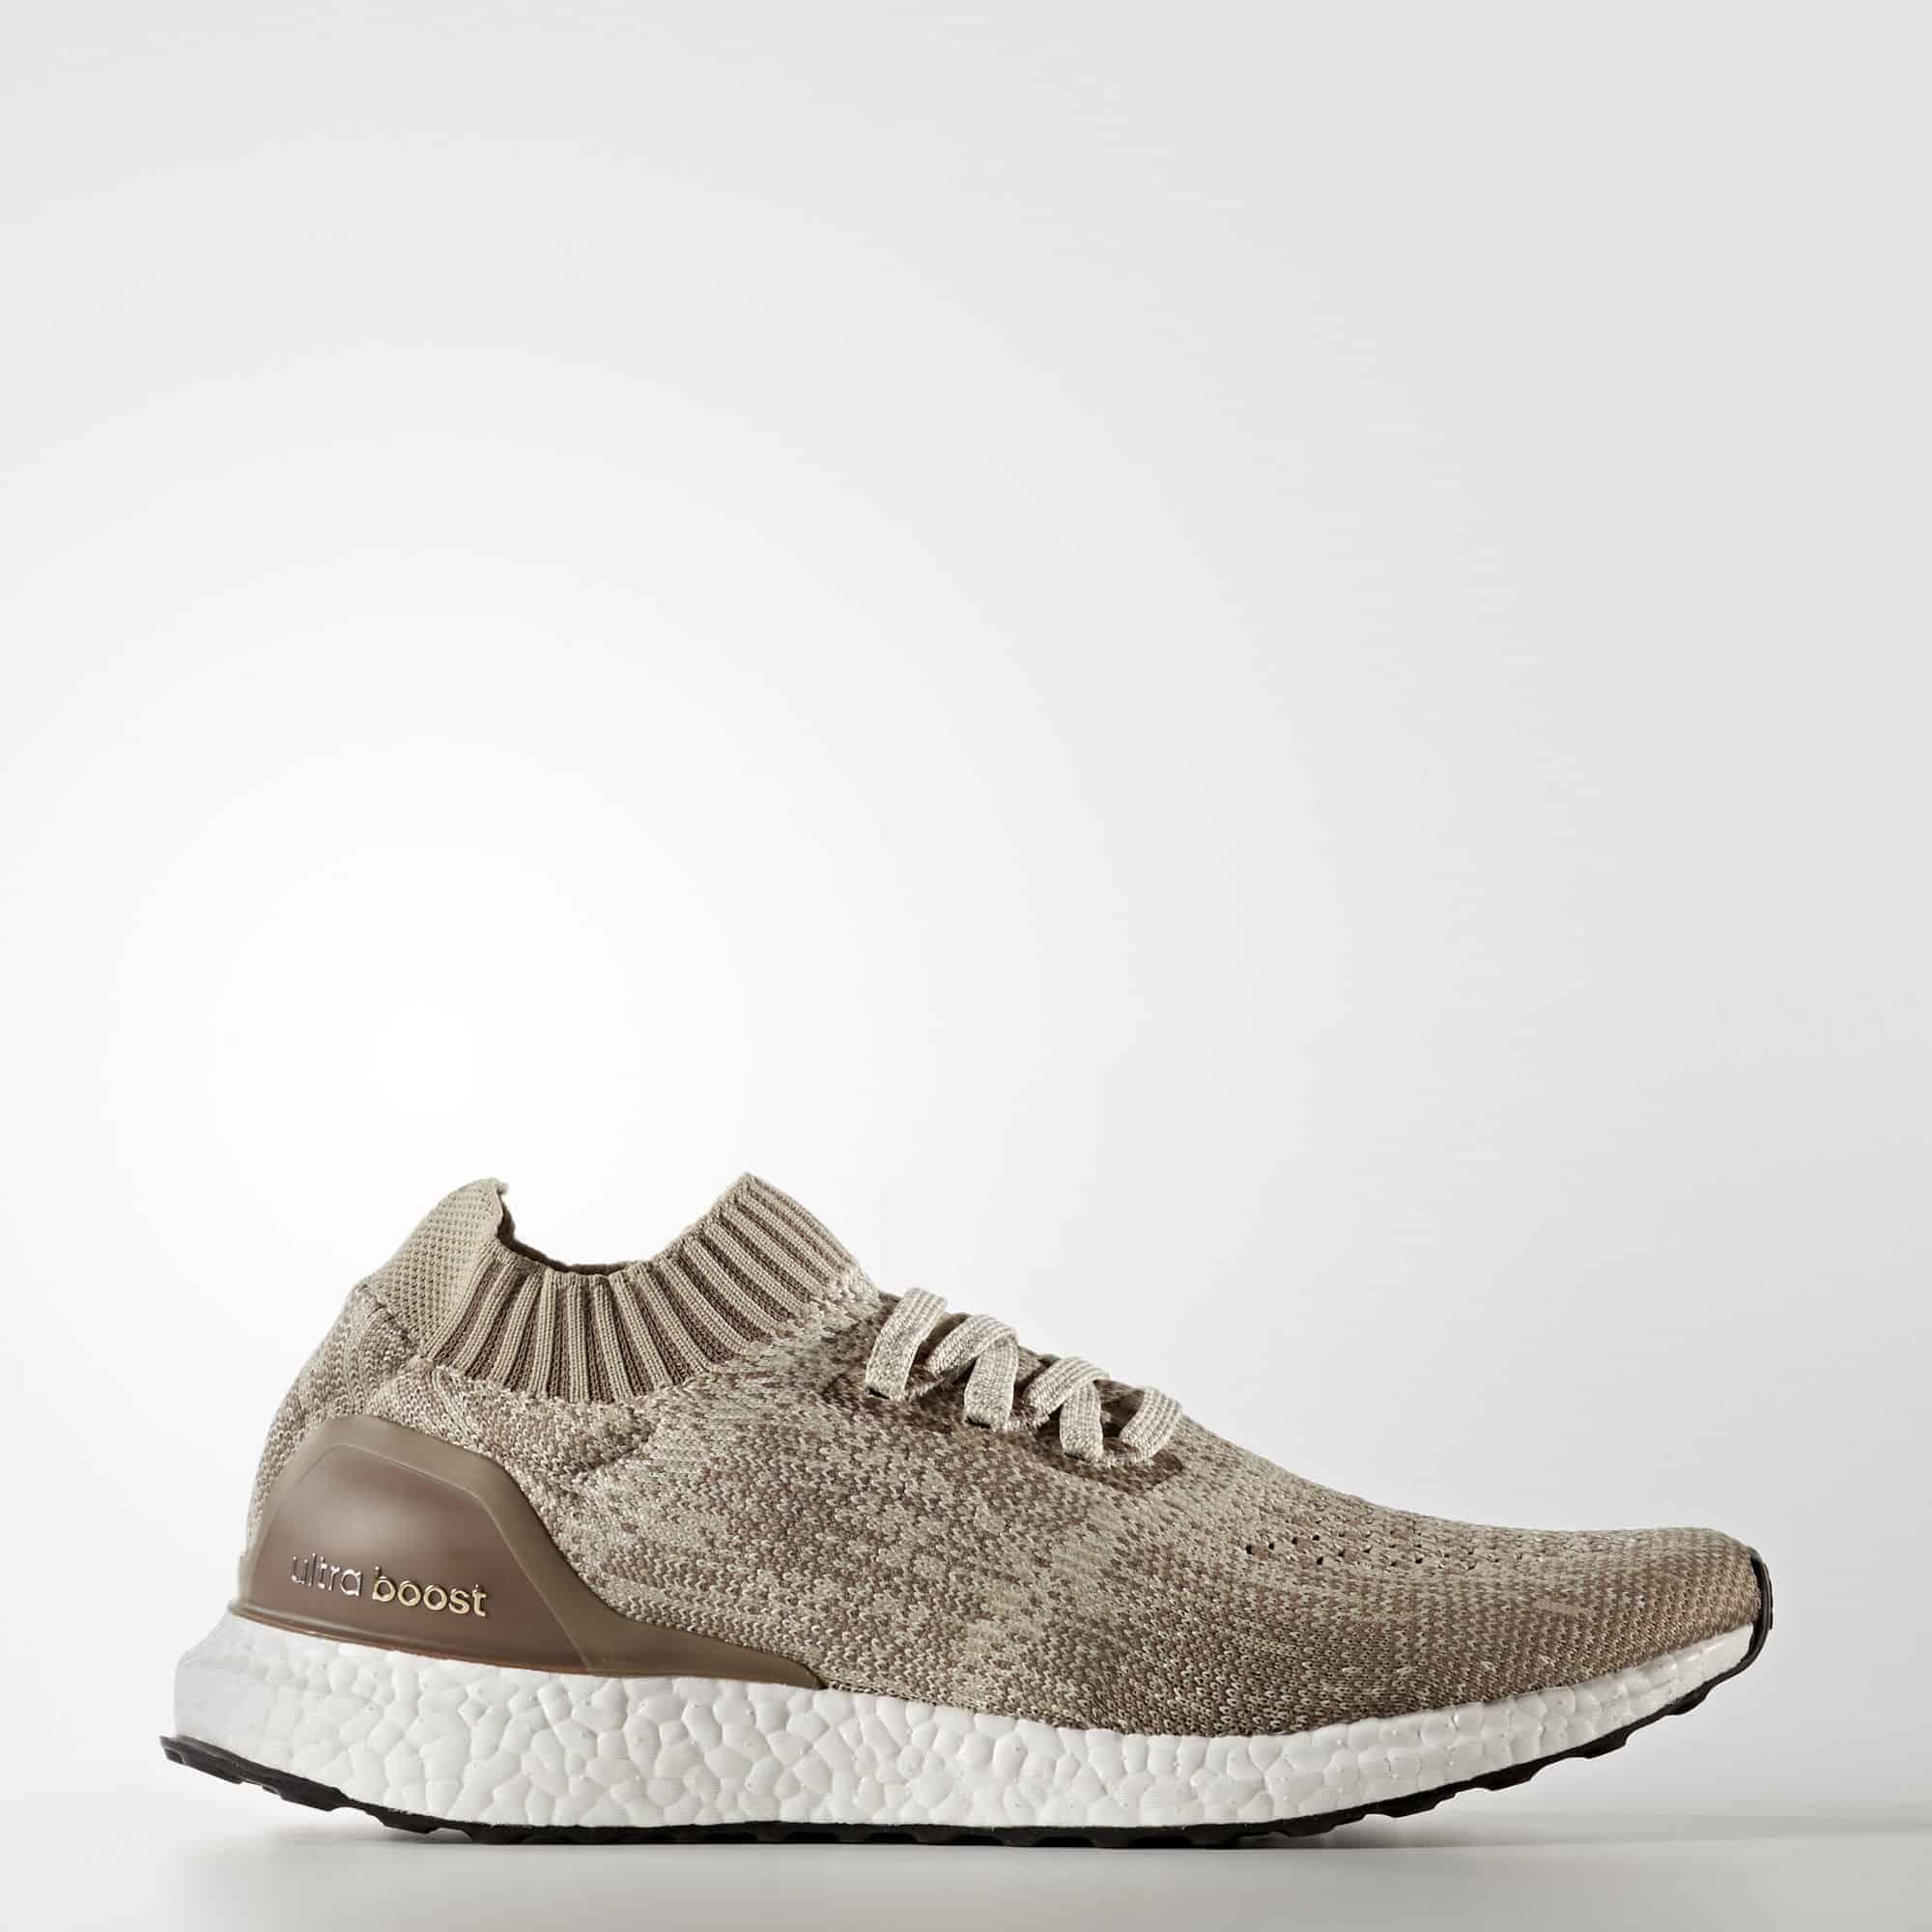 Кроссовки для бега Adidas Ultra Boost Uncaged мужские